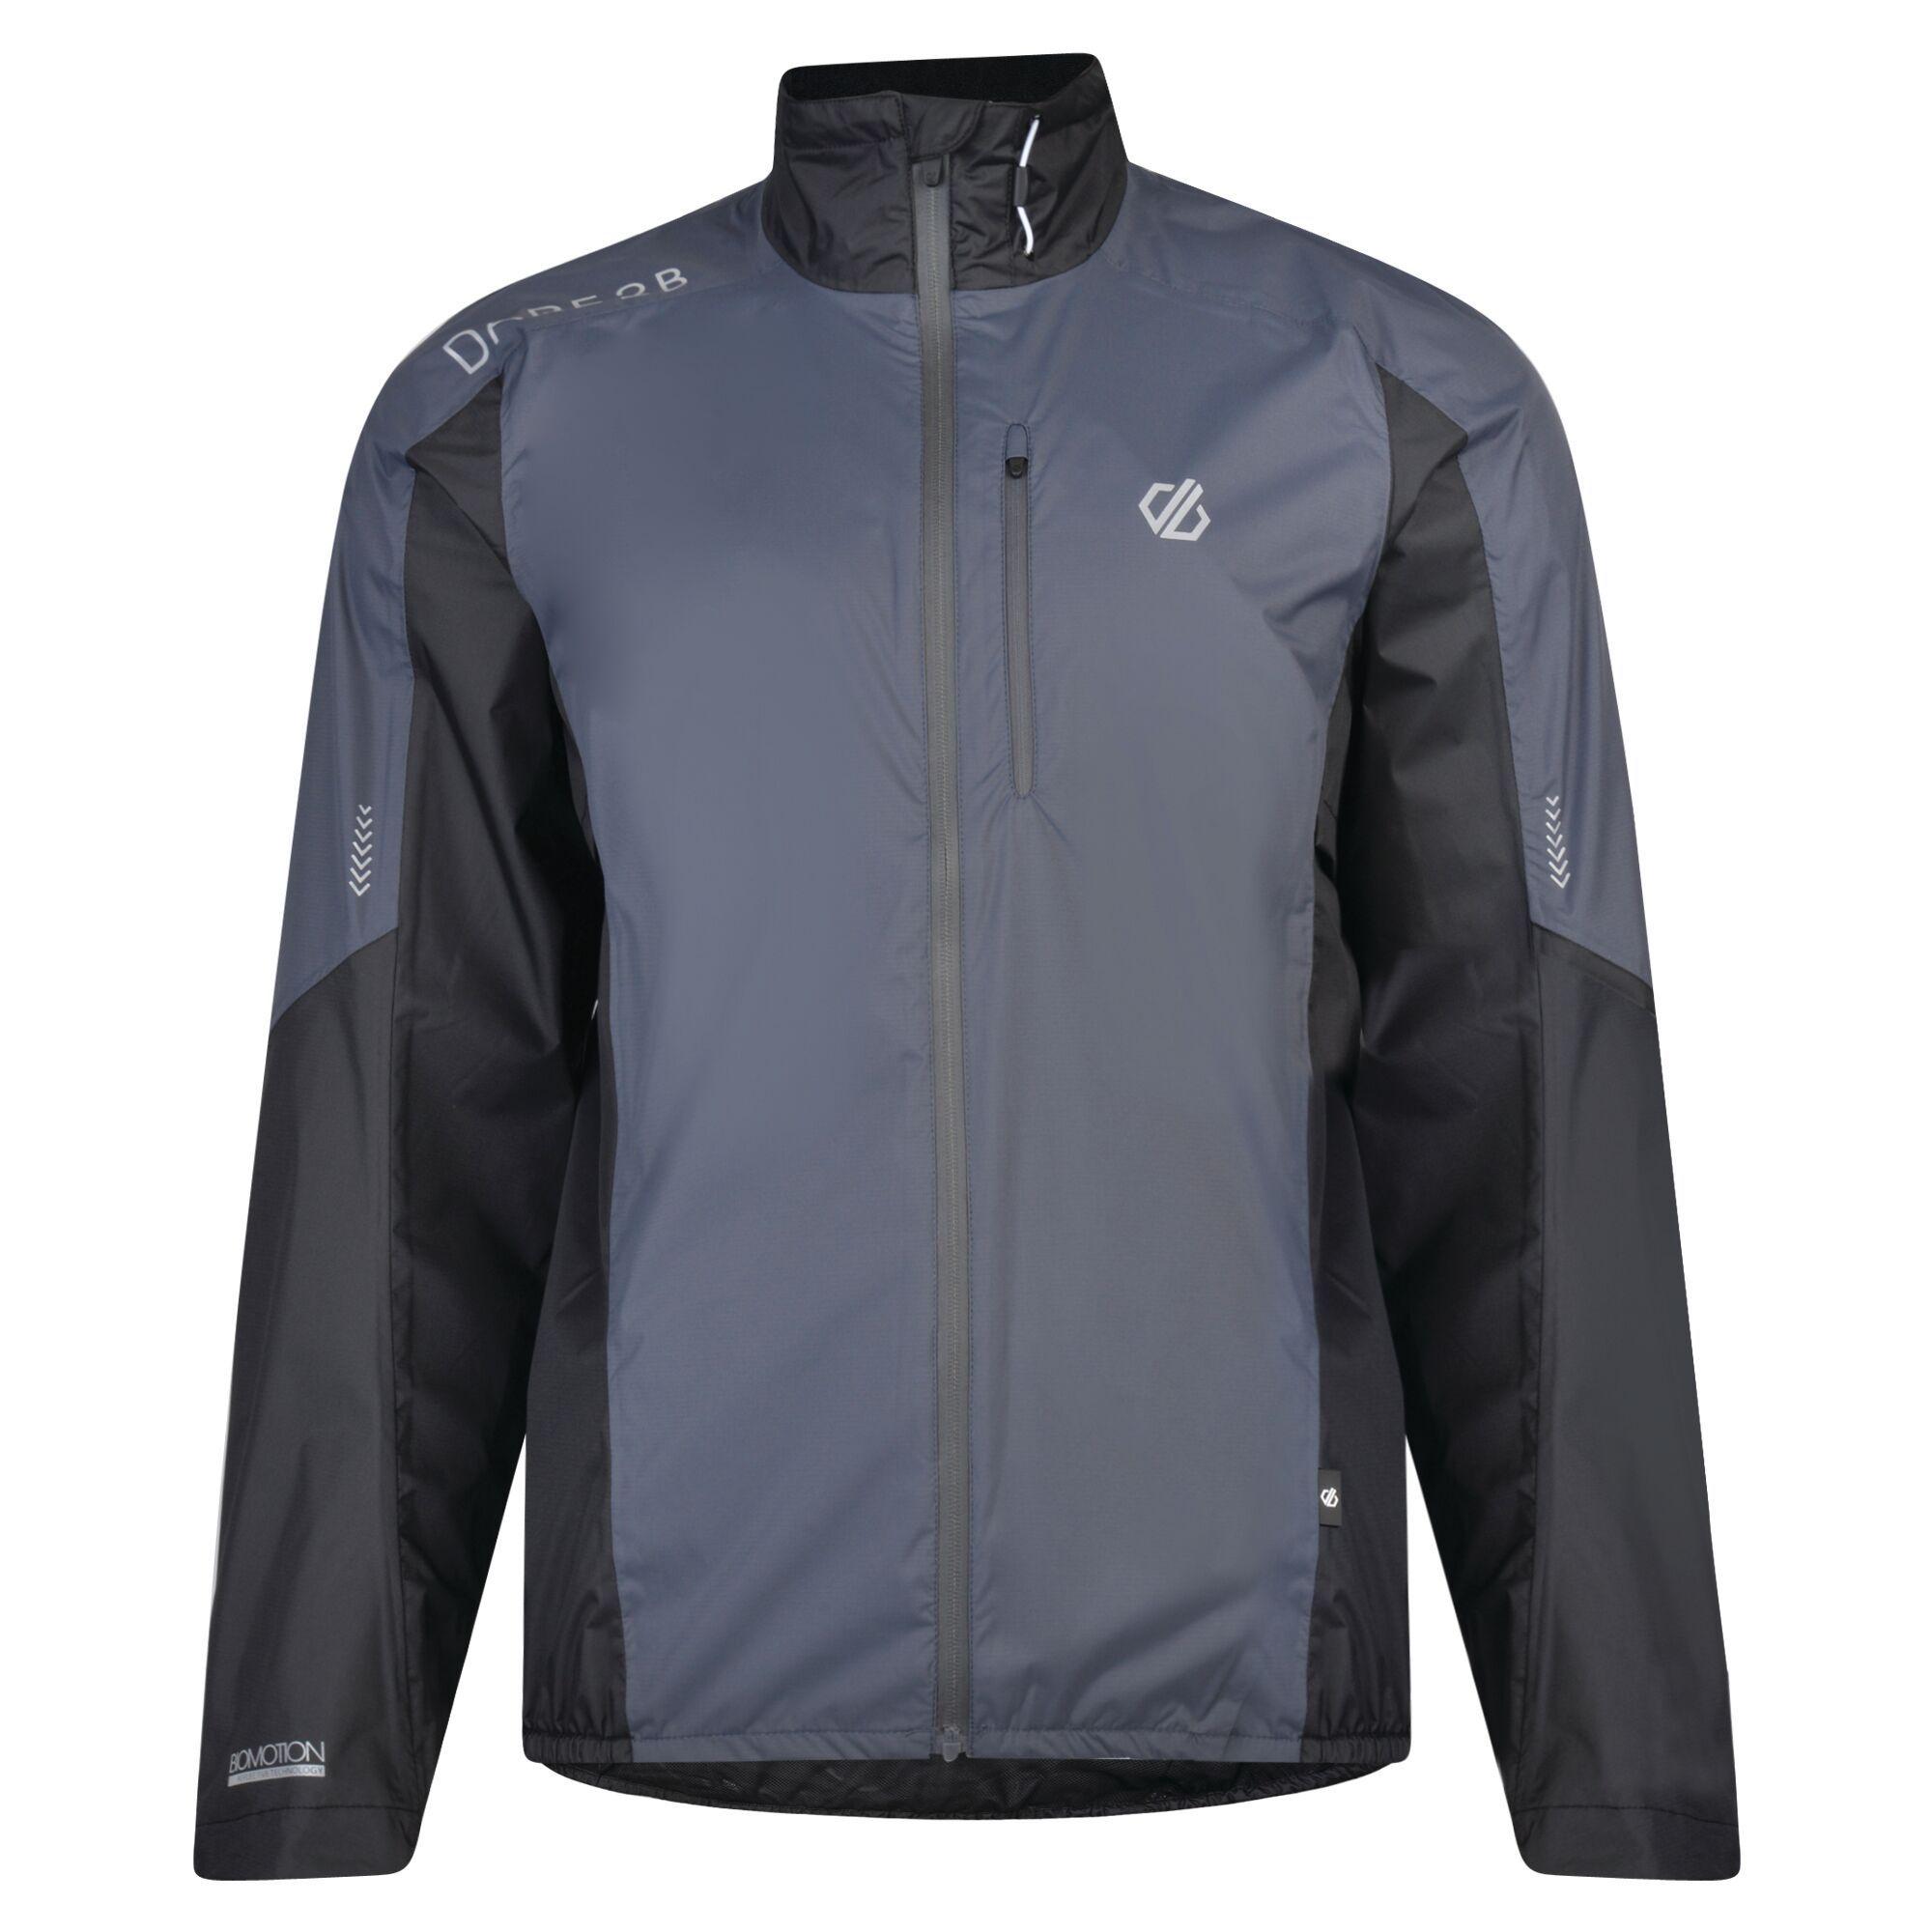 waterproof running jacket in grey/black